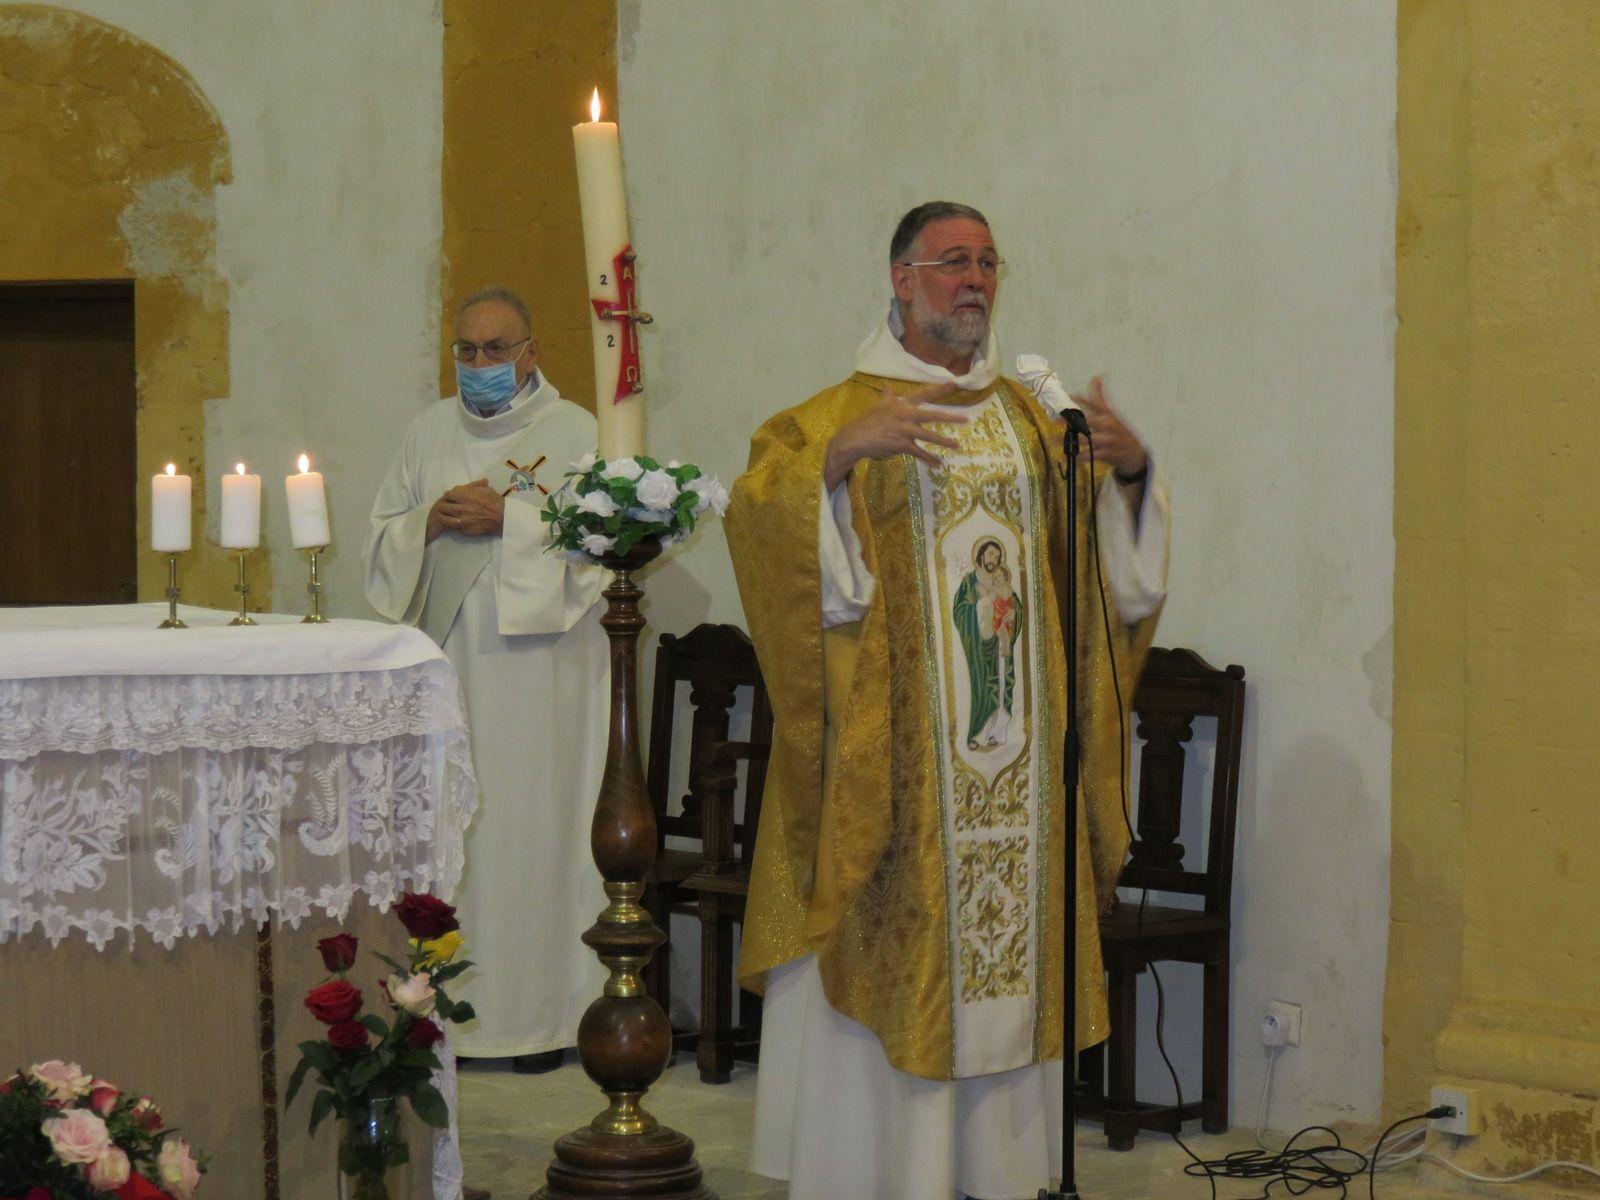 Trois Messes ont été célébrées en présence des fidèles : règles sanitaires respectées et joie de retrouver l'Eucharistie